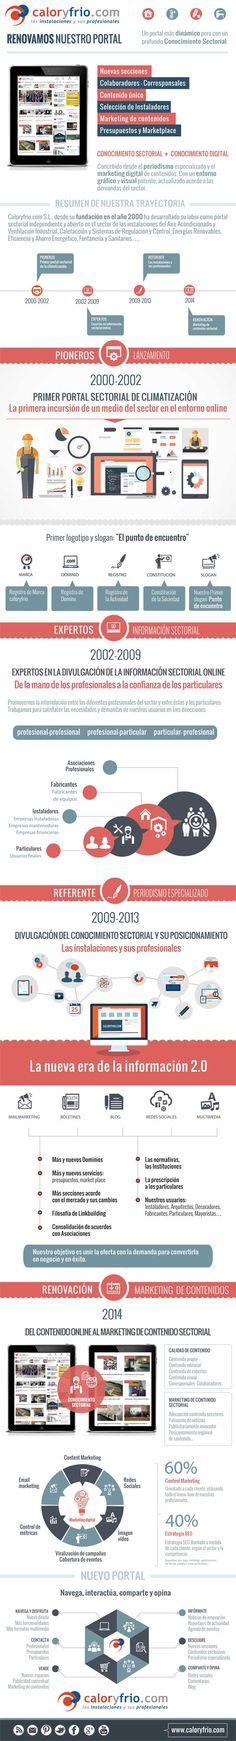 Nuevo portal Caloryfrio.com #infografíacyf